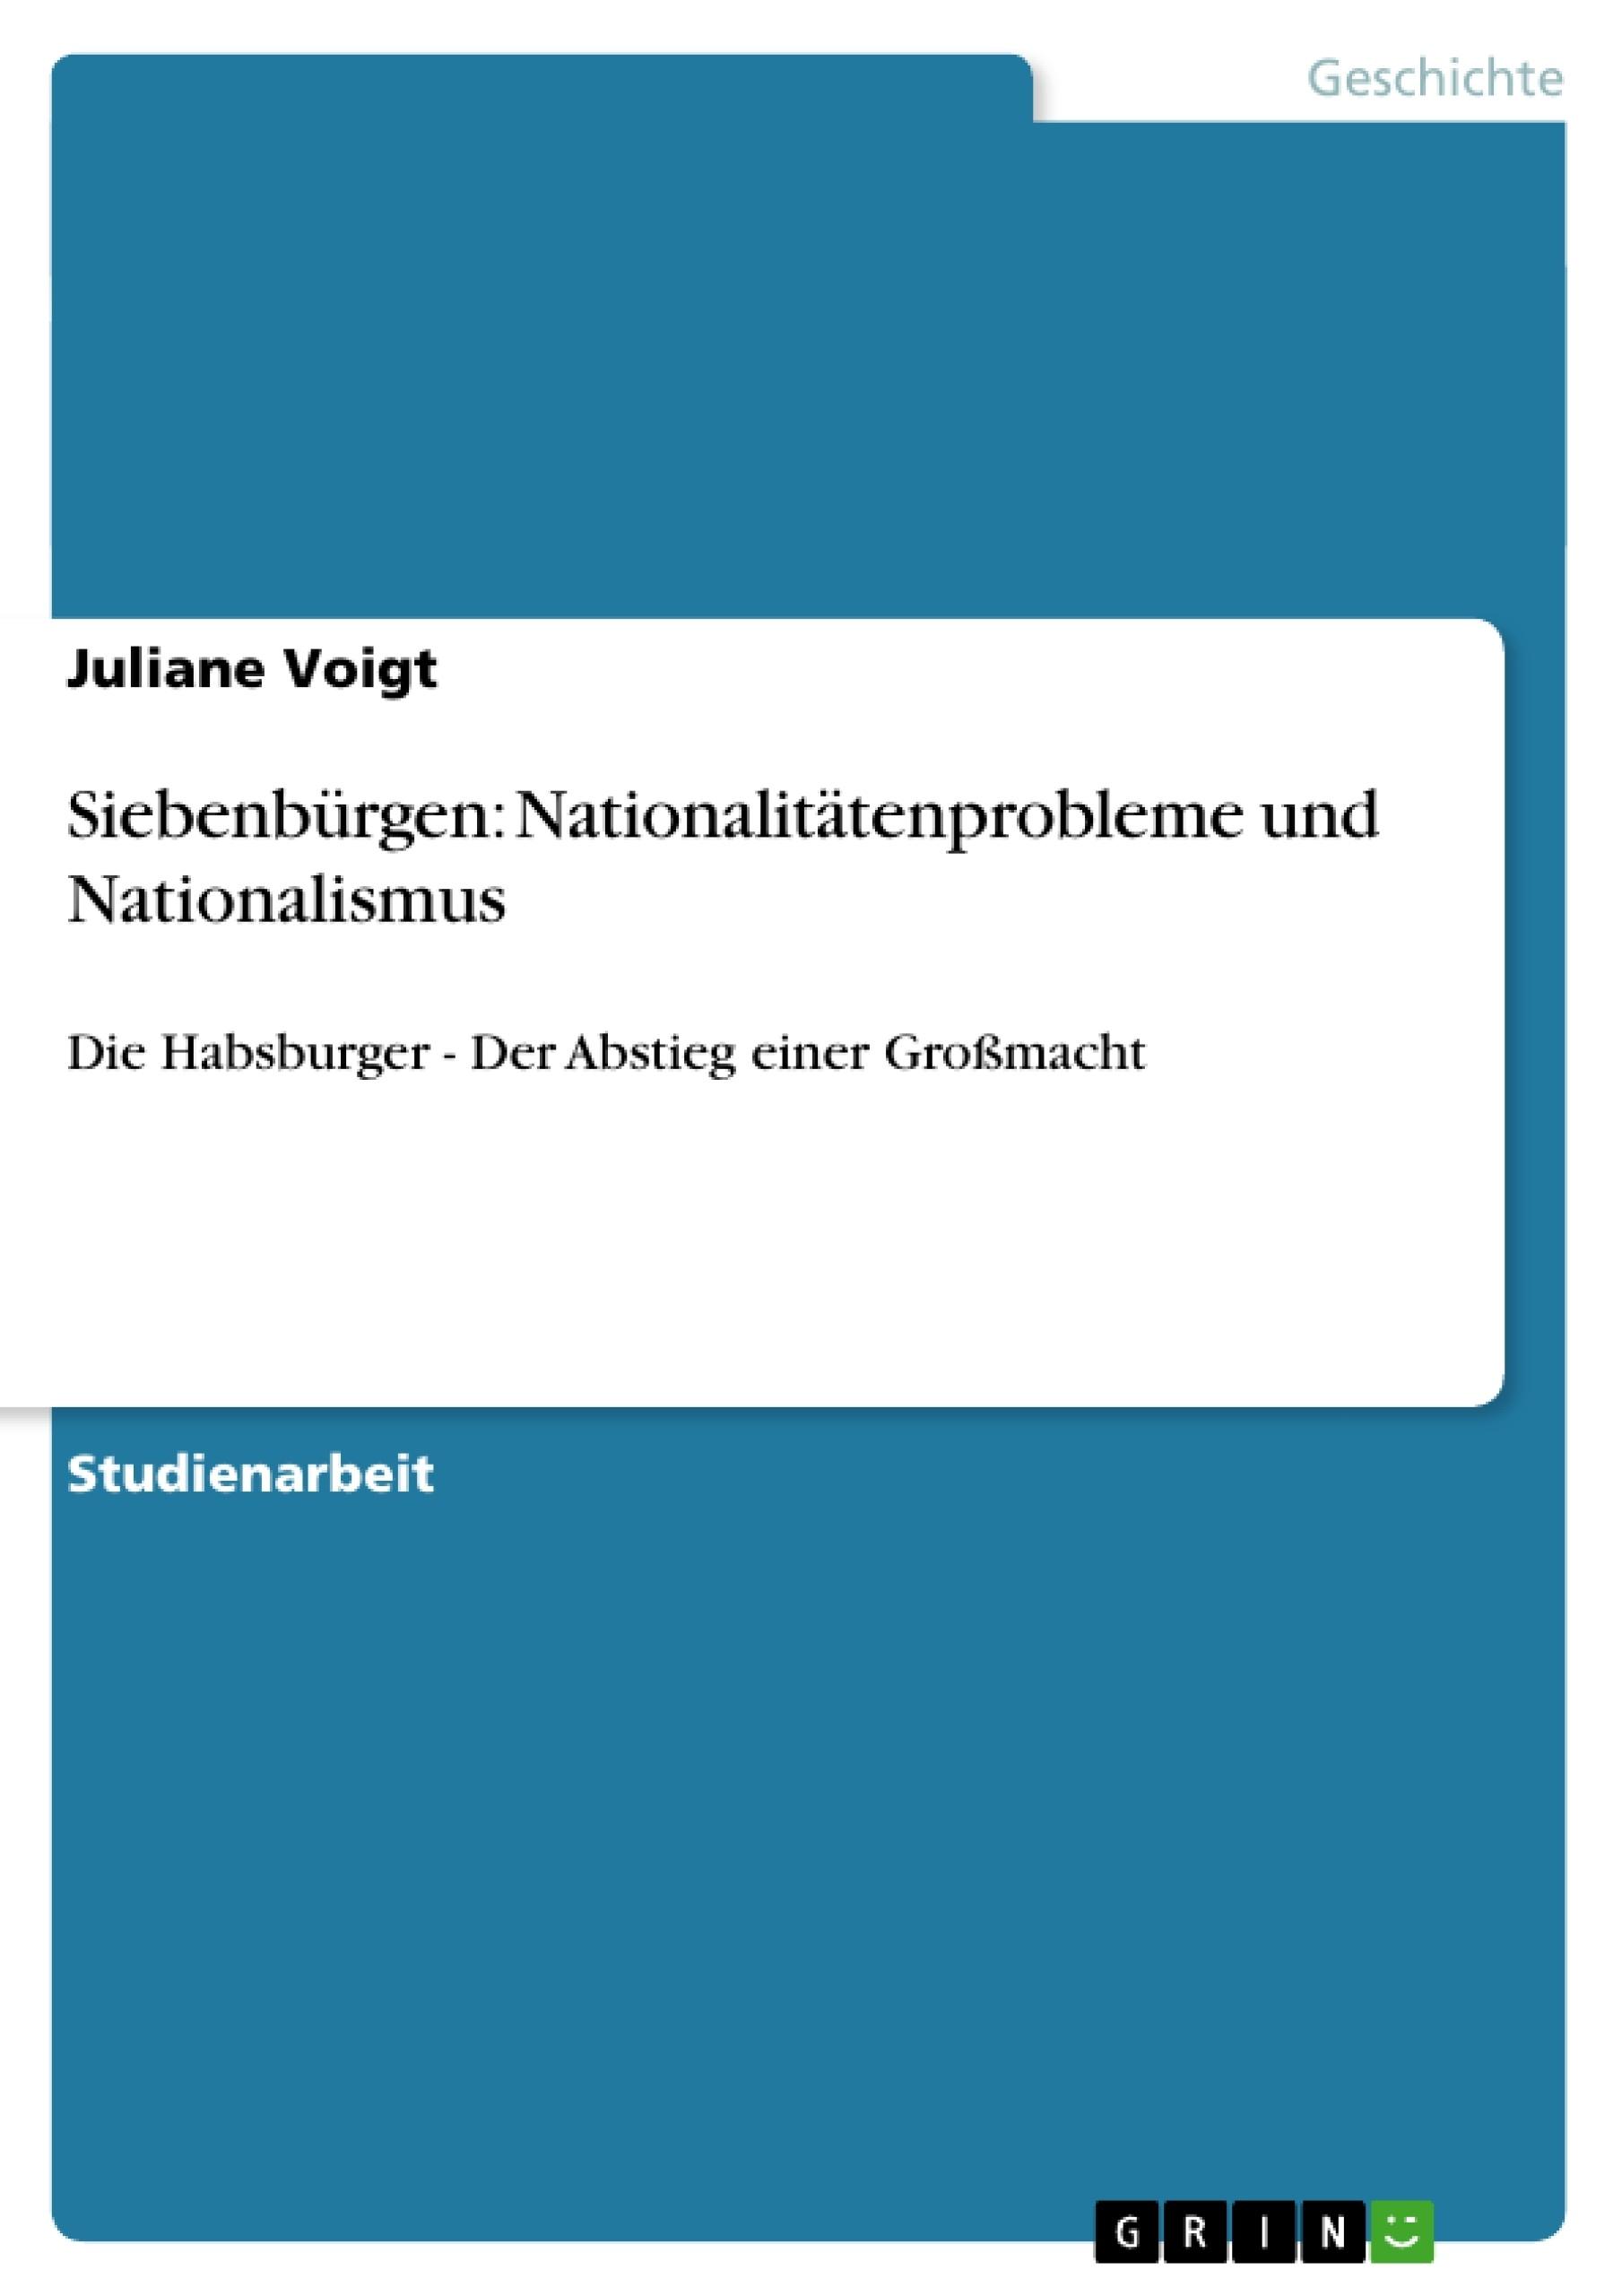 Titel: Siebenbürgen: Nationalitätenprobleme und Nationalismus